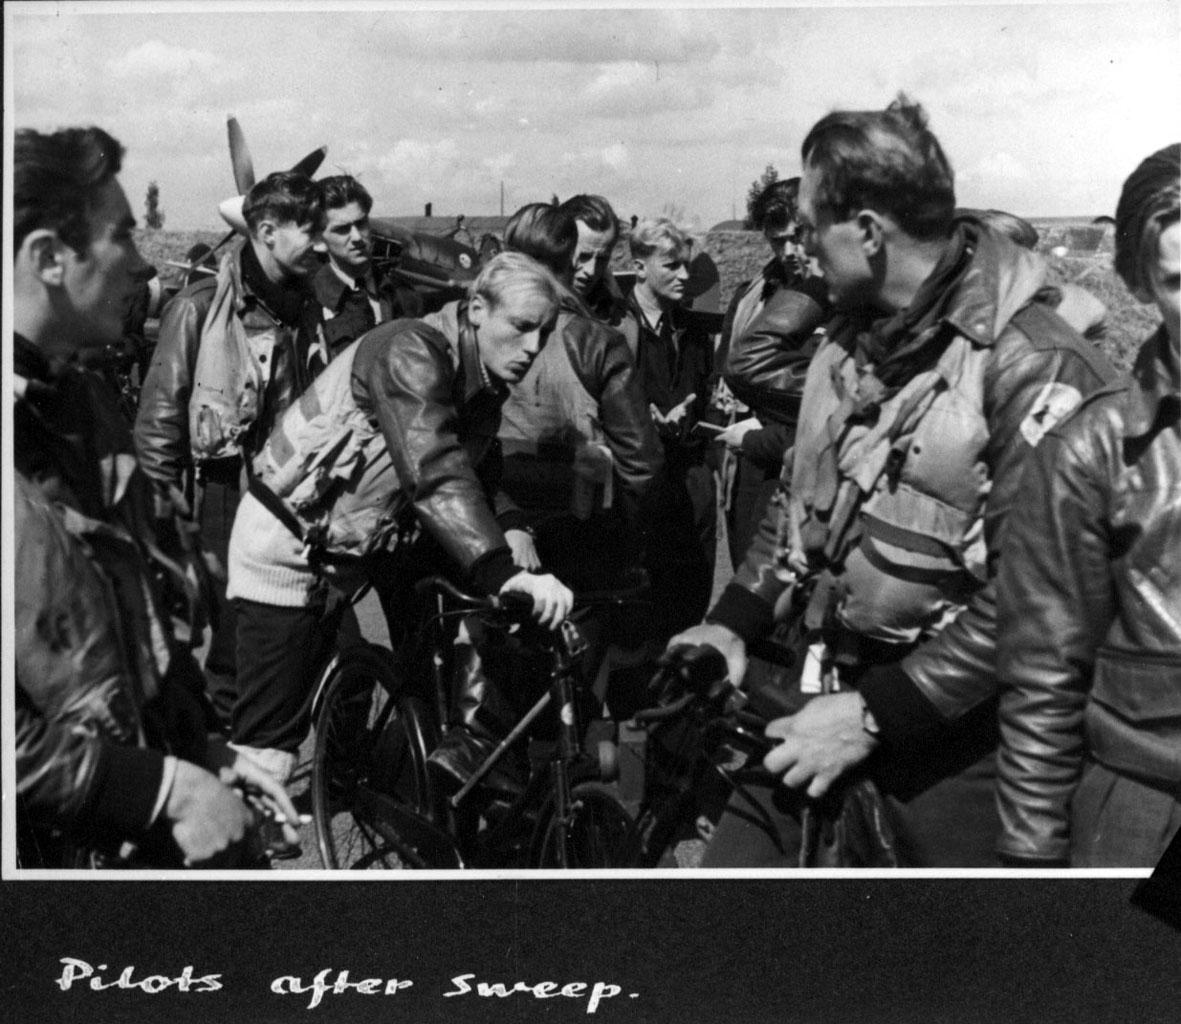 Flere personer i militæruniform - pilotutstyr. Litt av fly bak, Spitfire. Engelsk håndskrevet tekst under bildet.